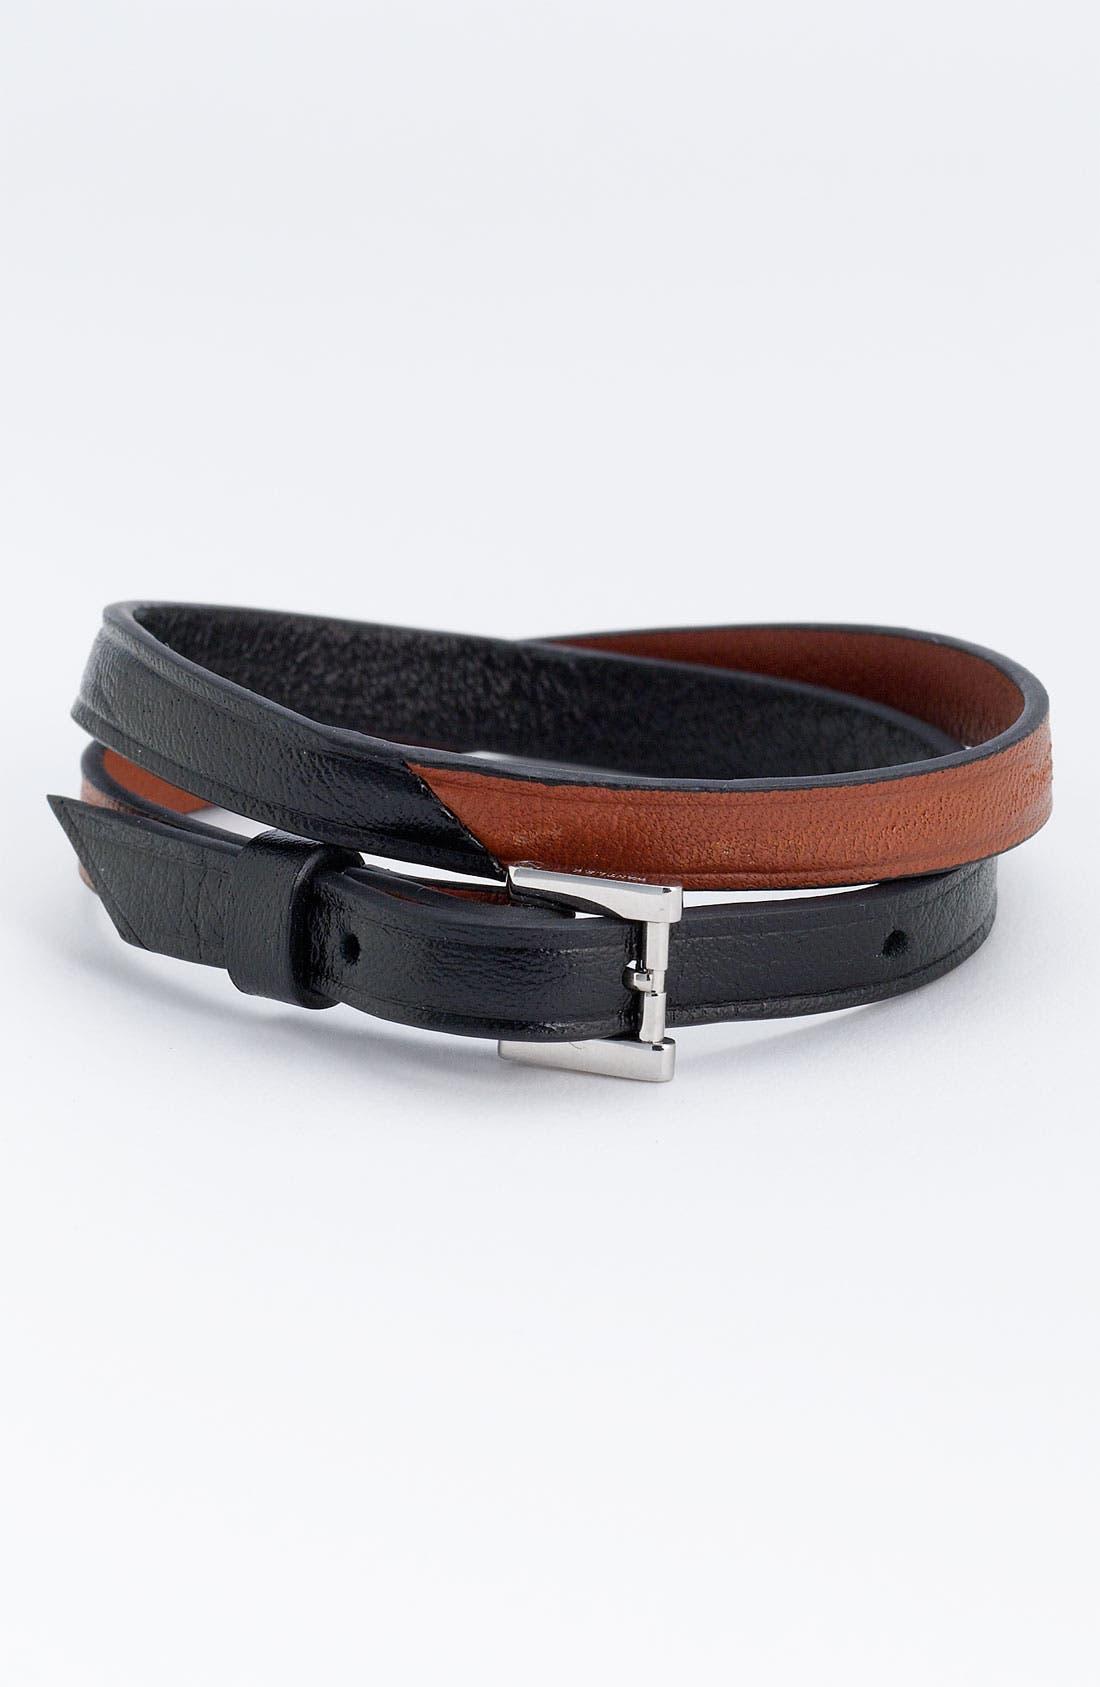 Main Image - WANT Les Essentiels de la Vie 'Vantaa' Leather Bracelet